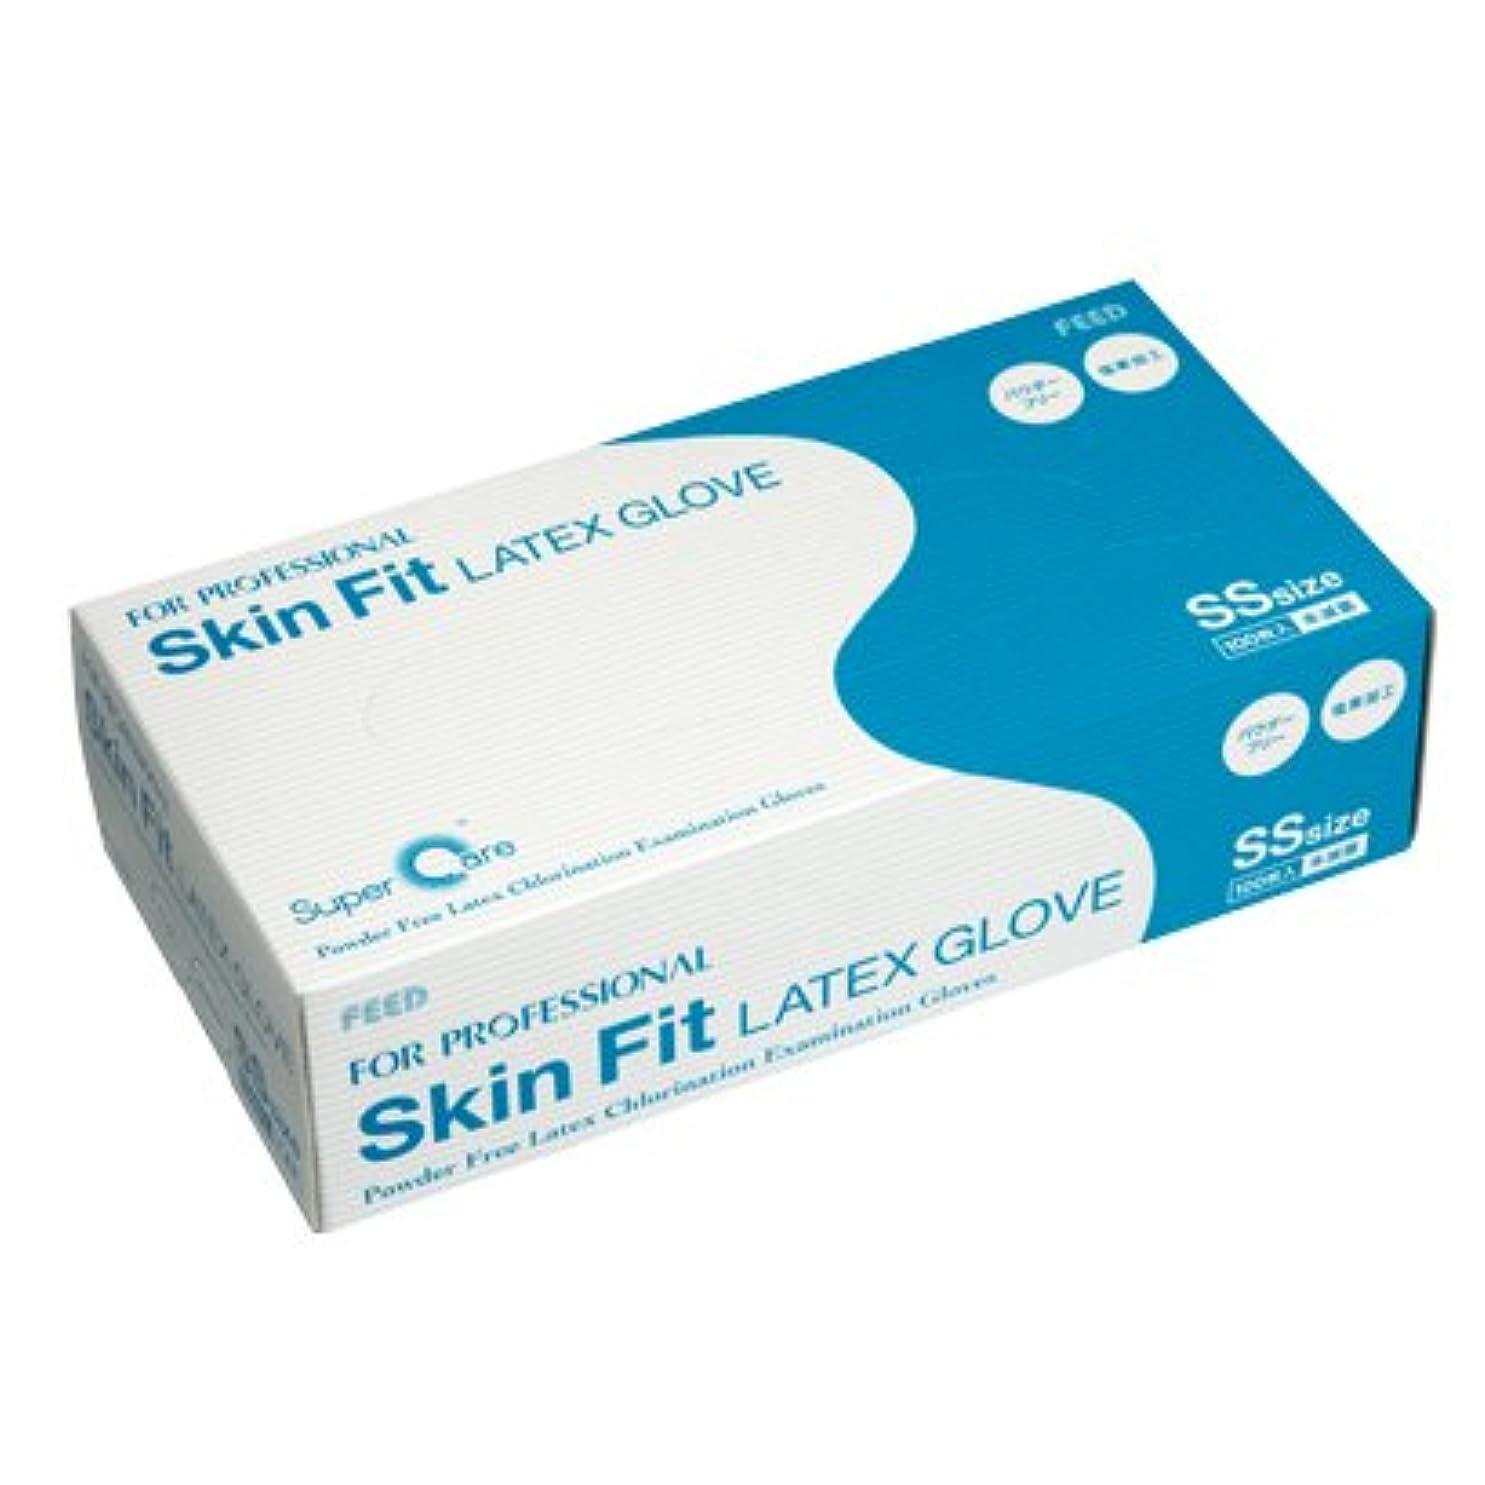 トラップストリップスラムFEED(フィード) Skin Fit ラテックスグローブ パウダーフリー 塩素加工 SS カートン(10ケース) (医療機器)